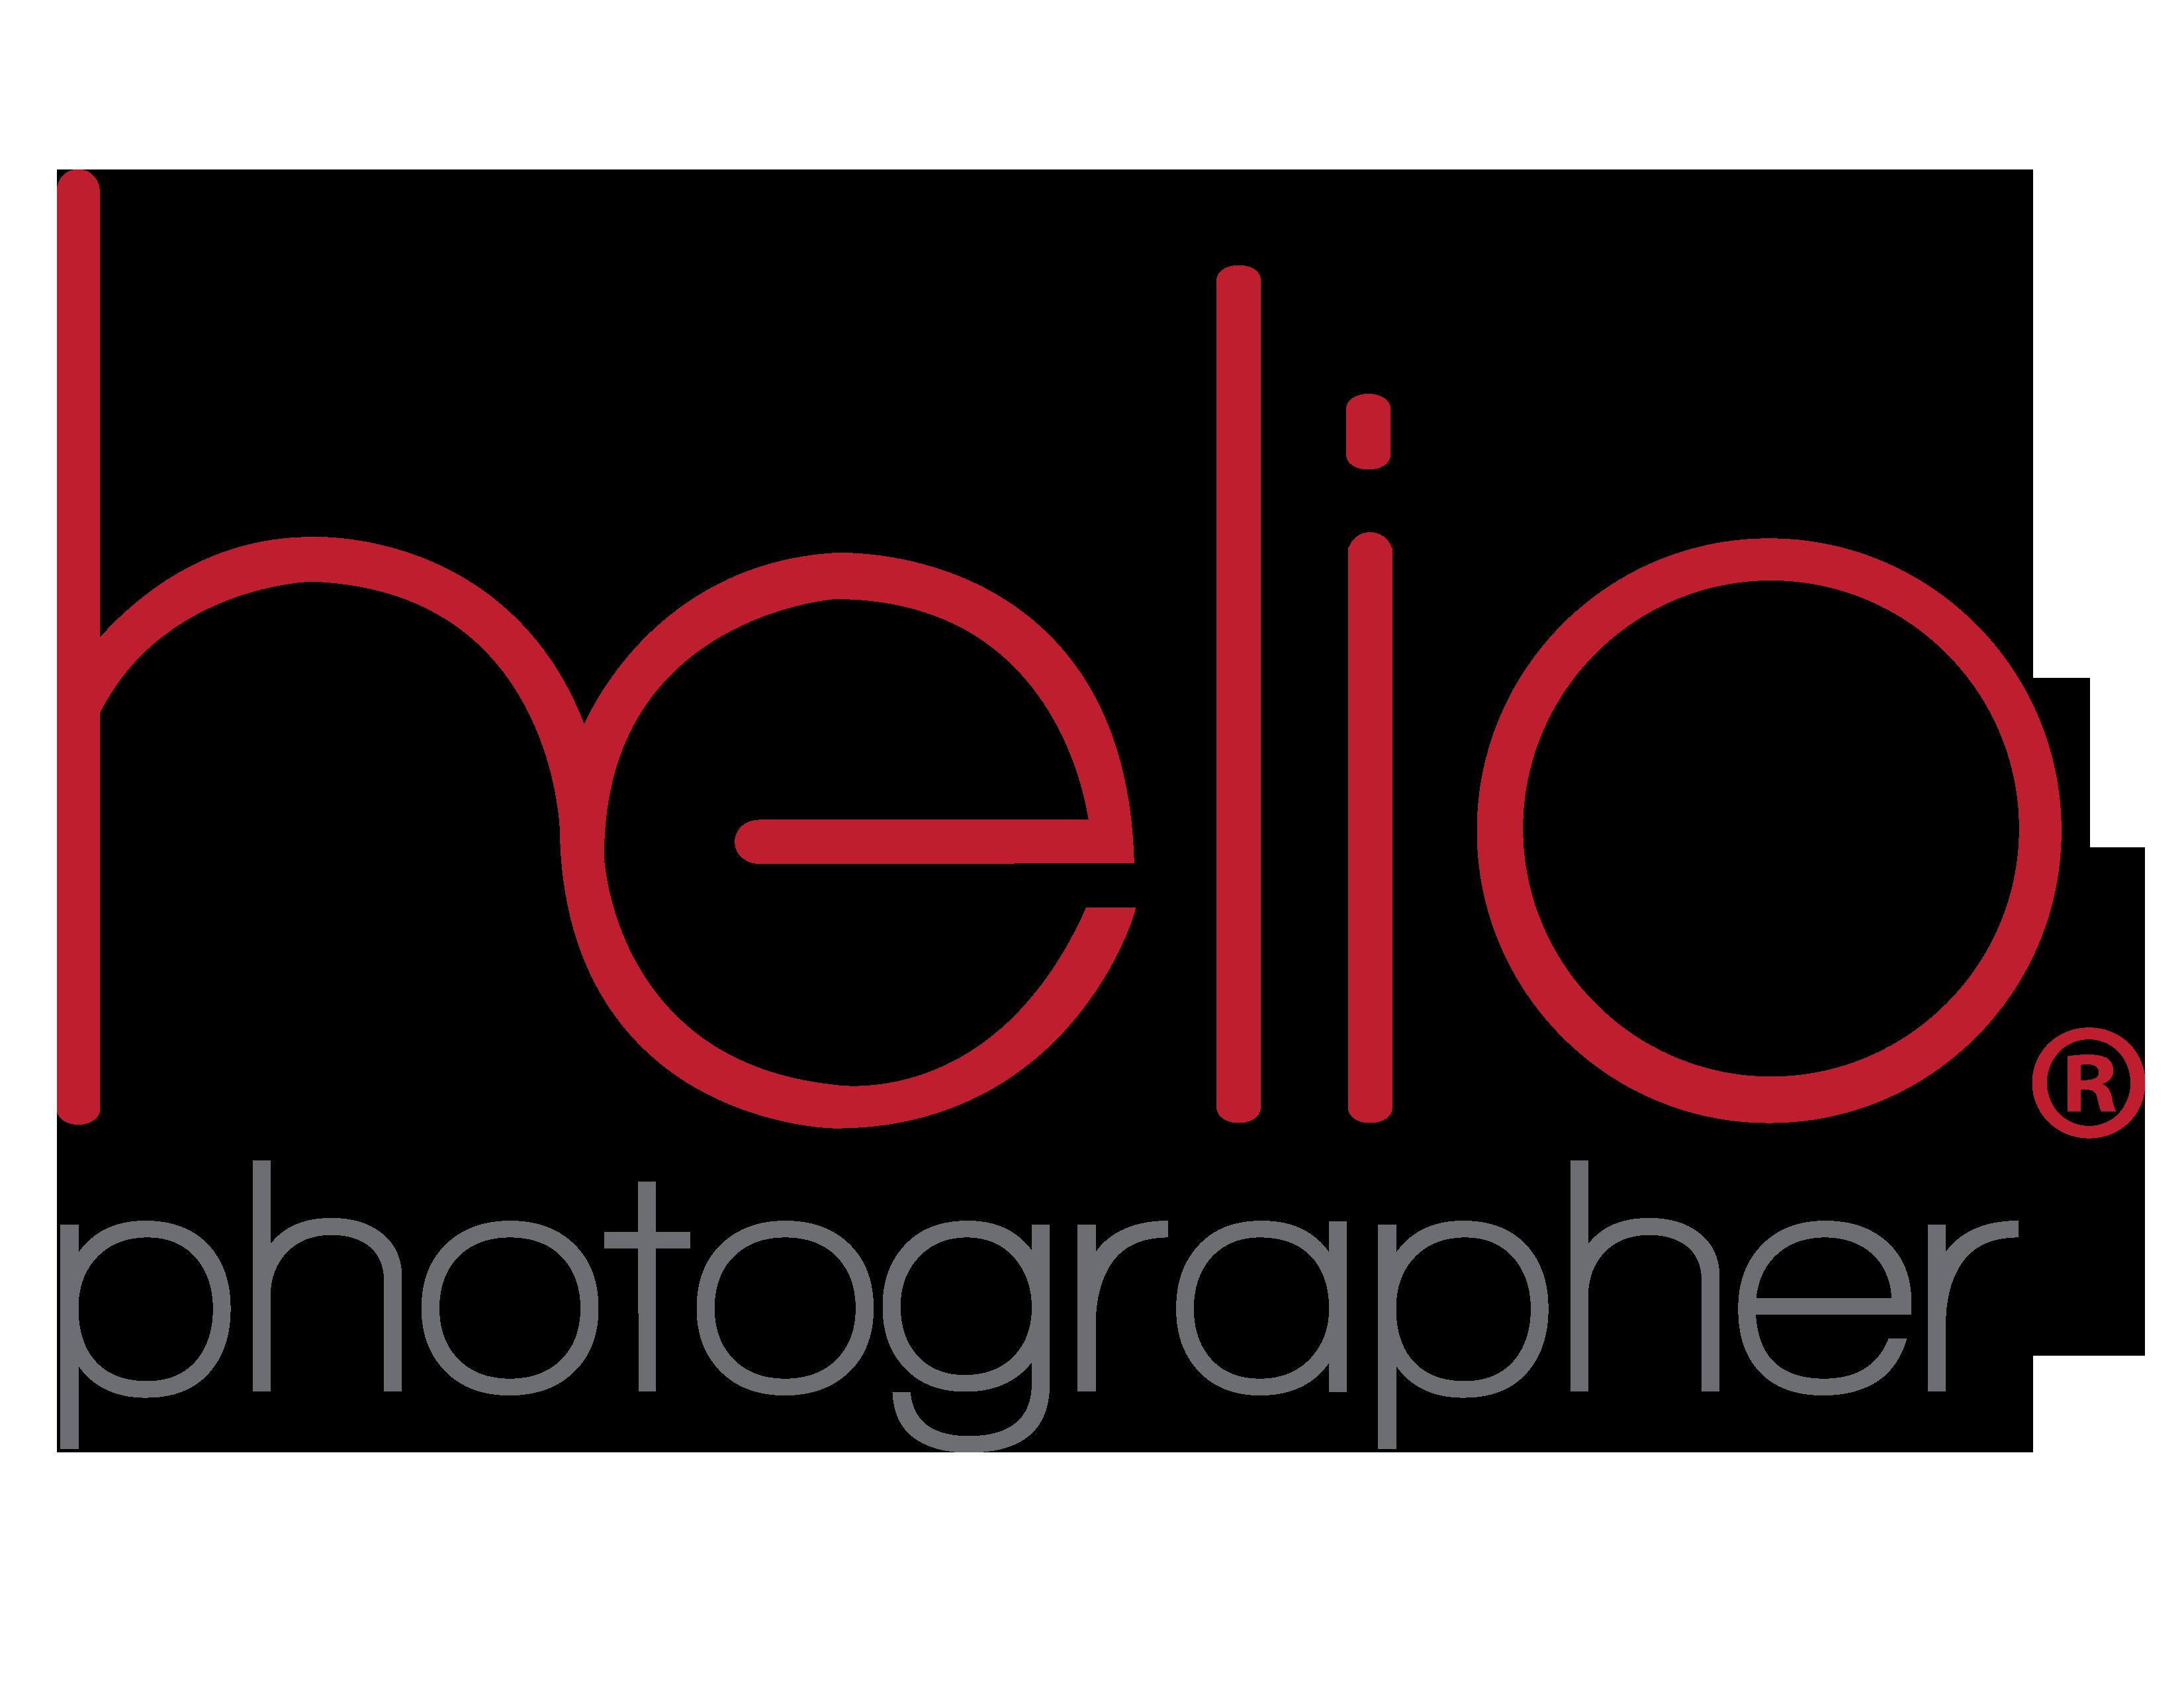 Helio Photographer